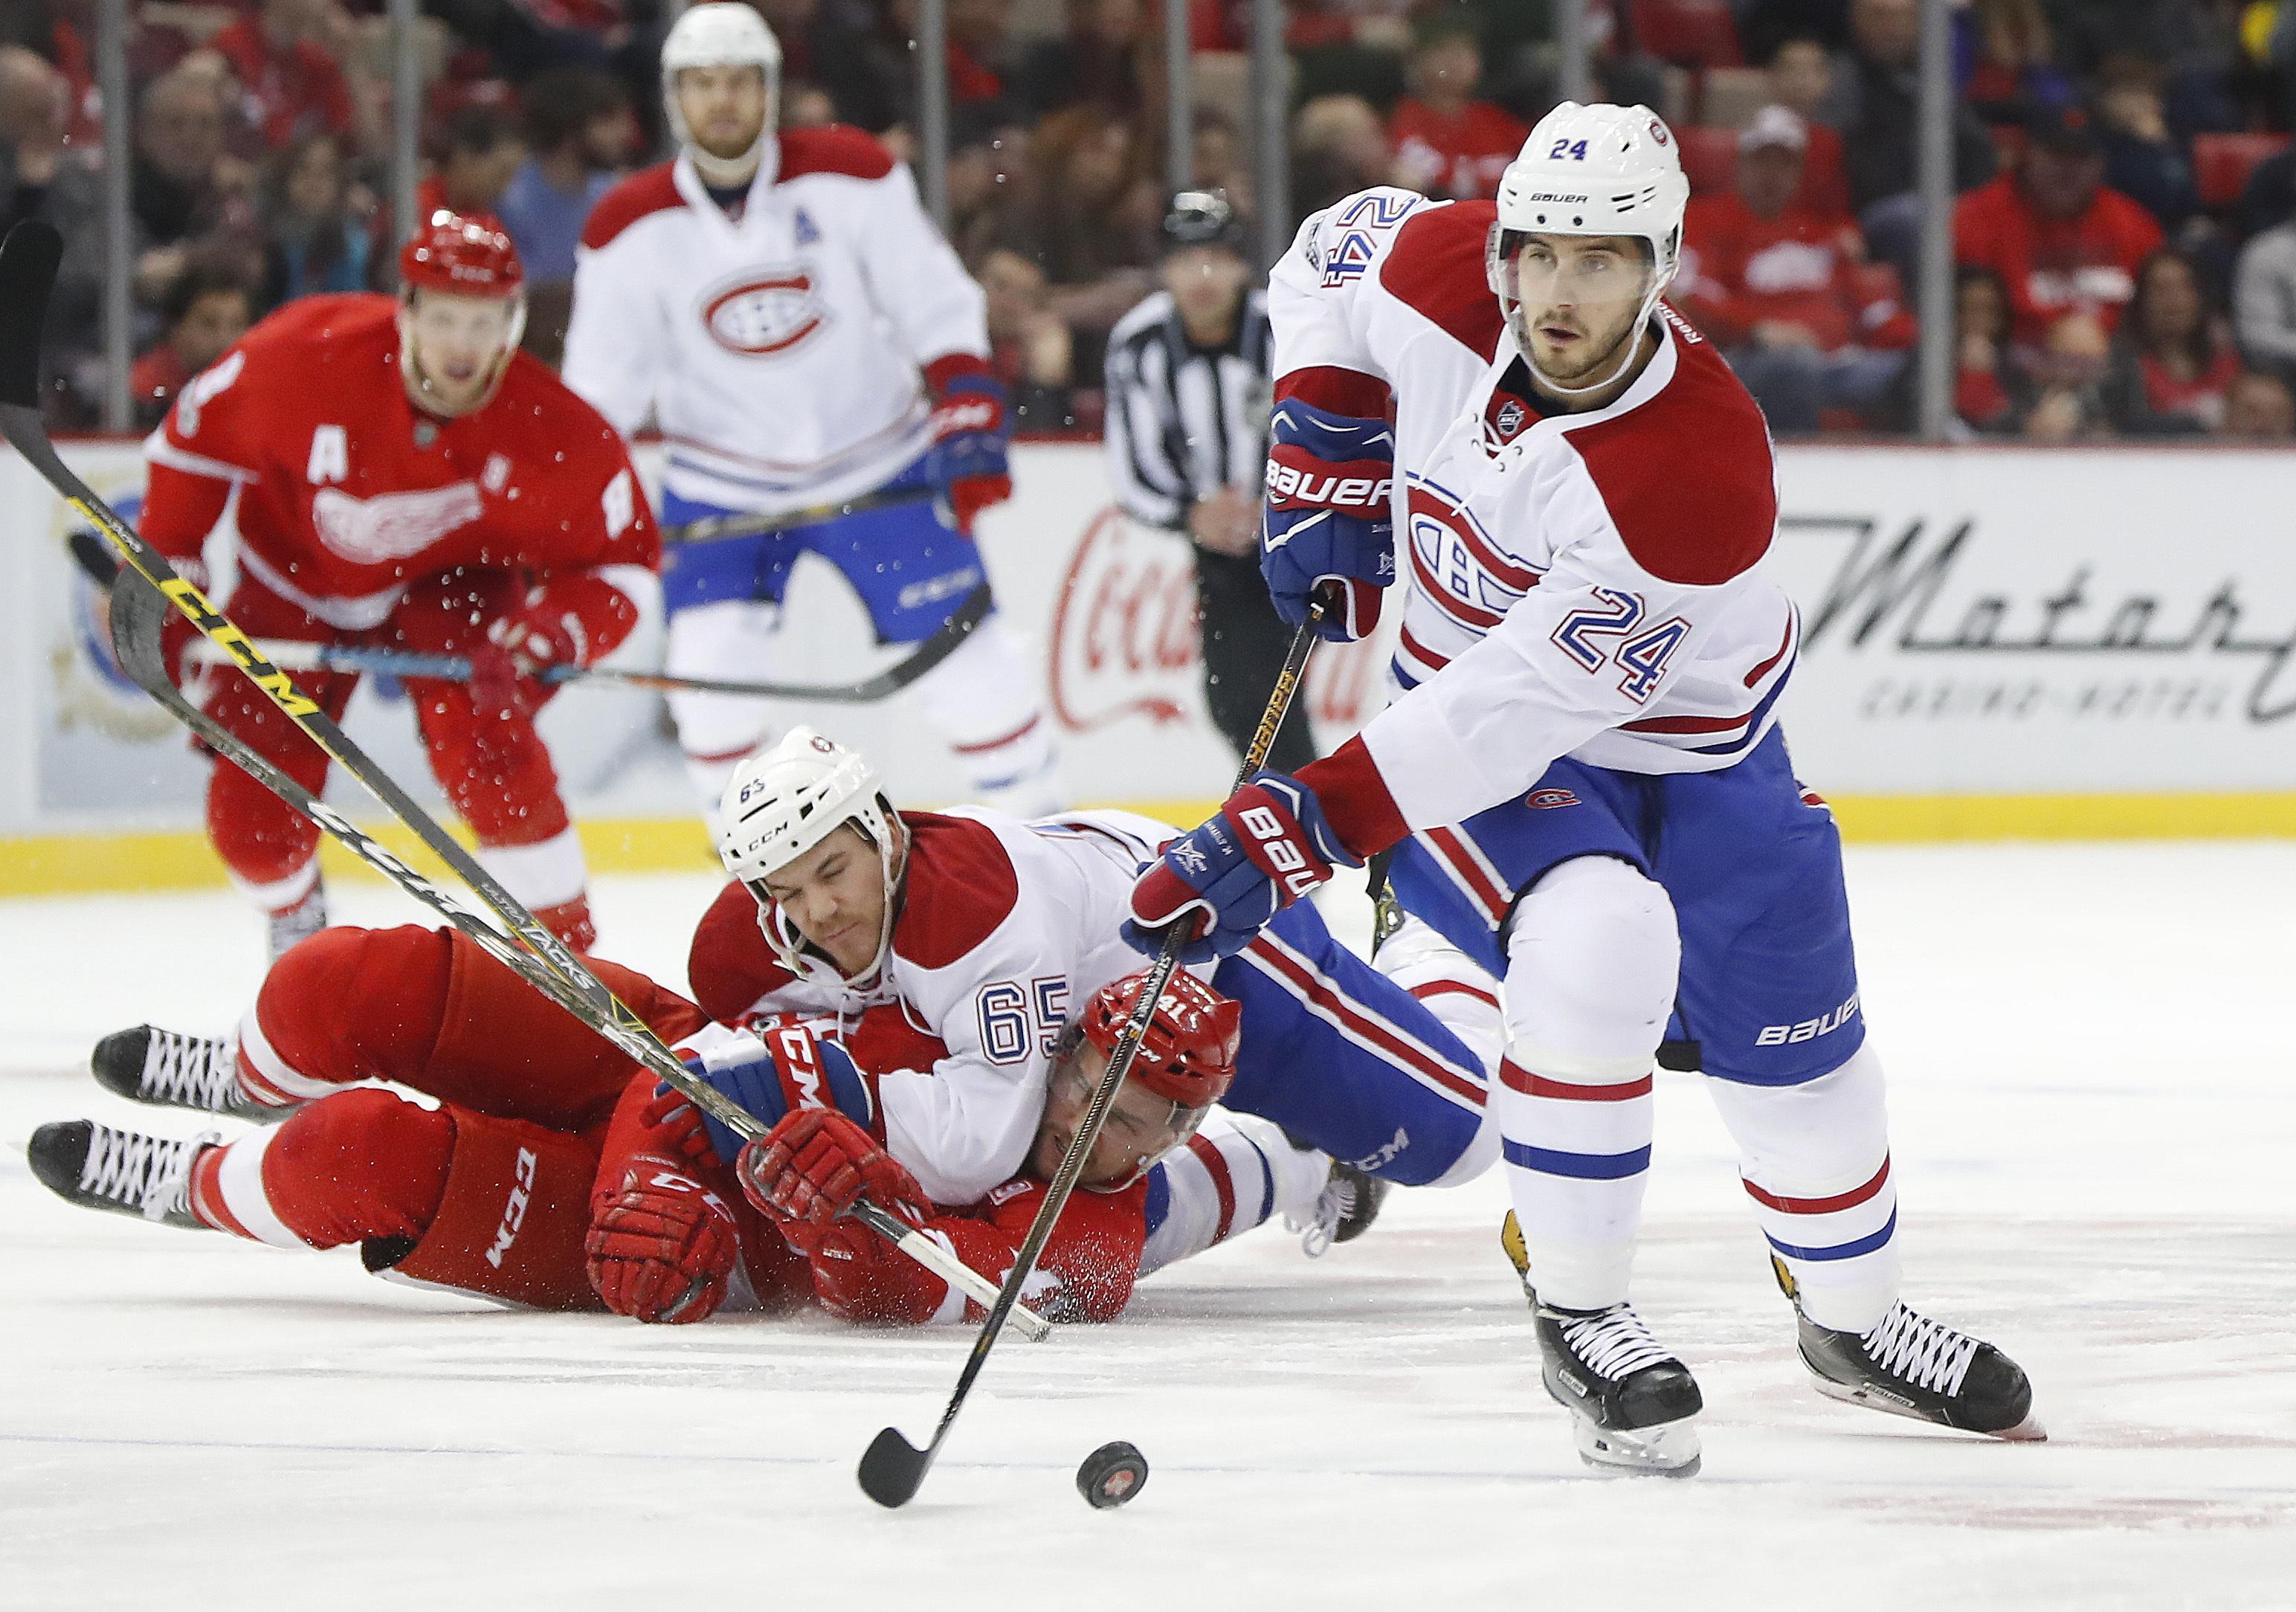 Aptopix_canadiens_red_wings_hockey_01941